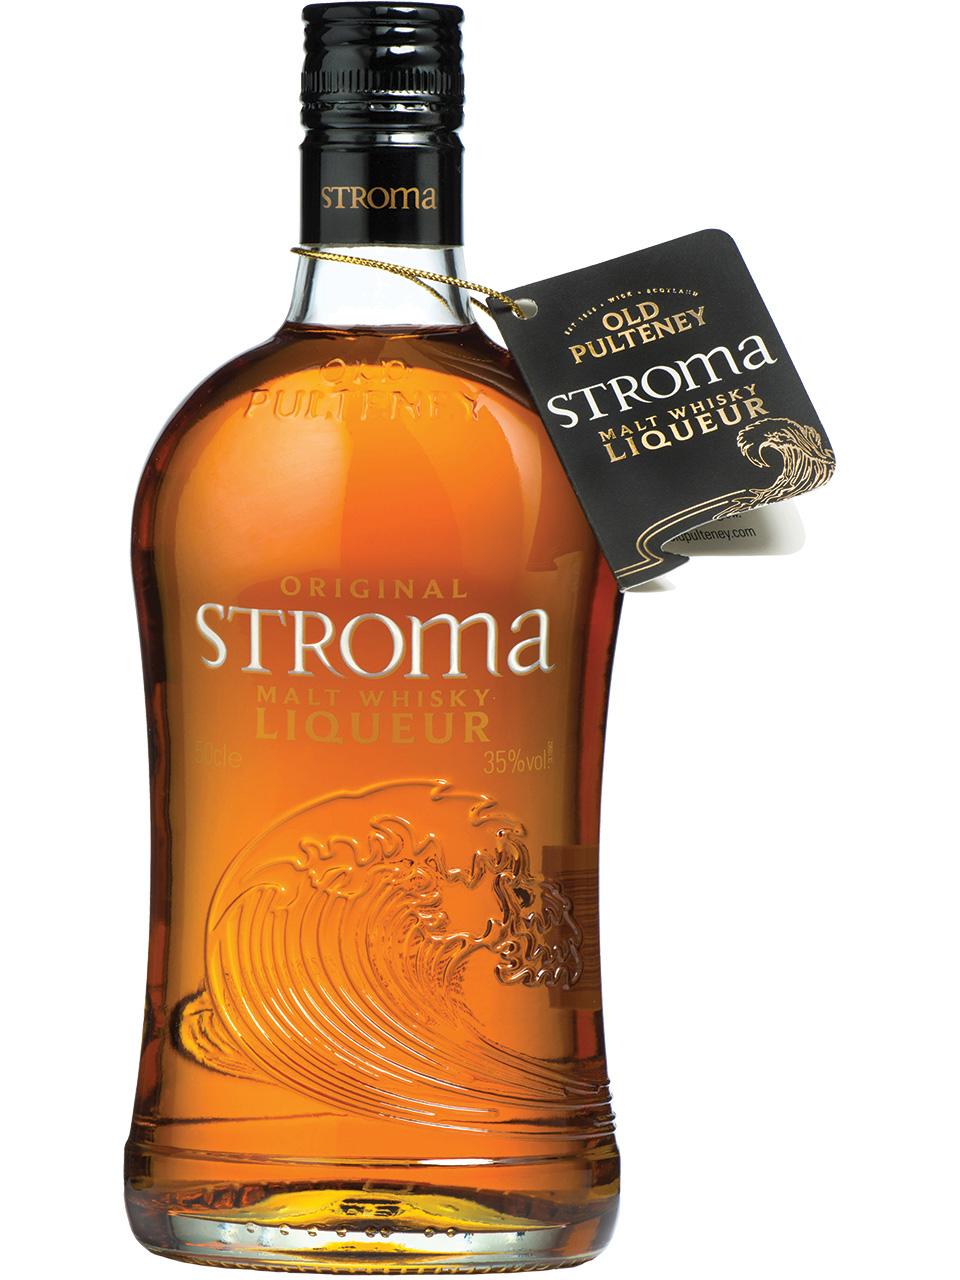 Stroma Liqueur